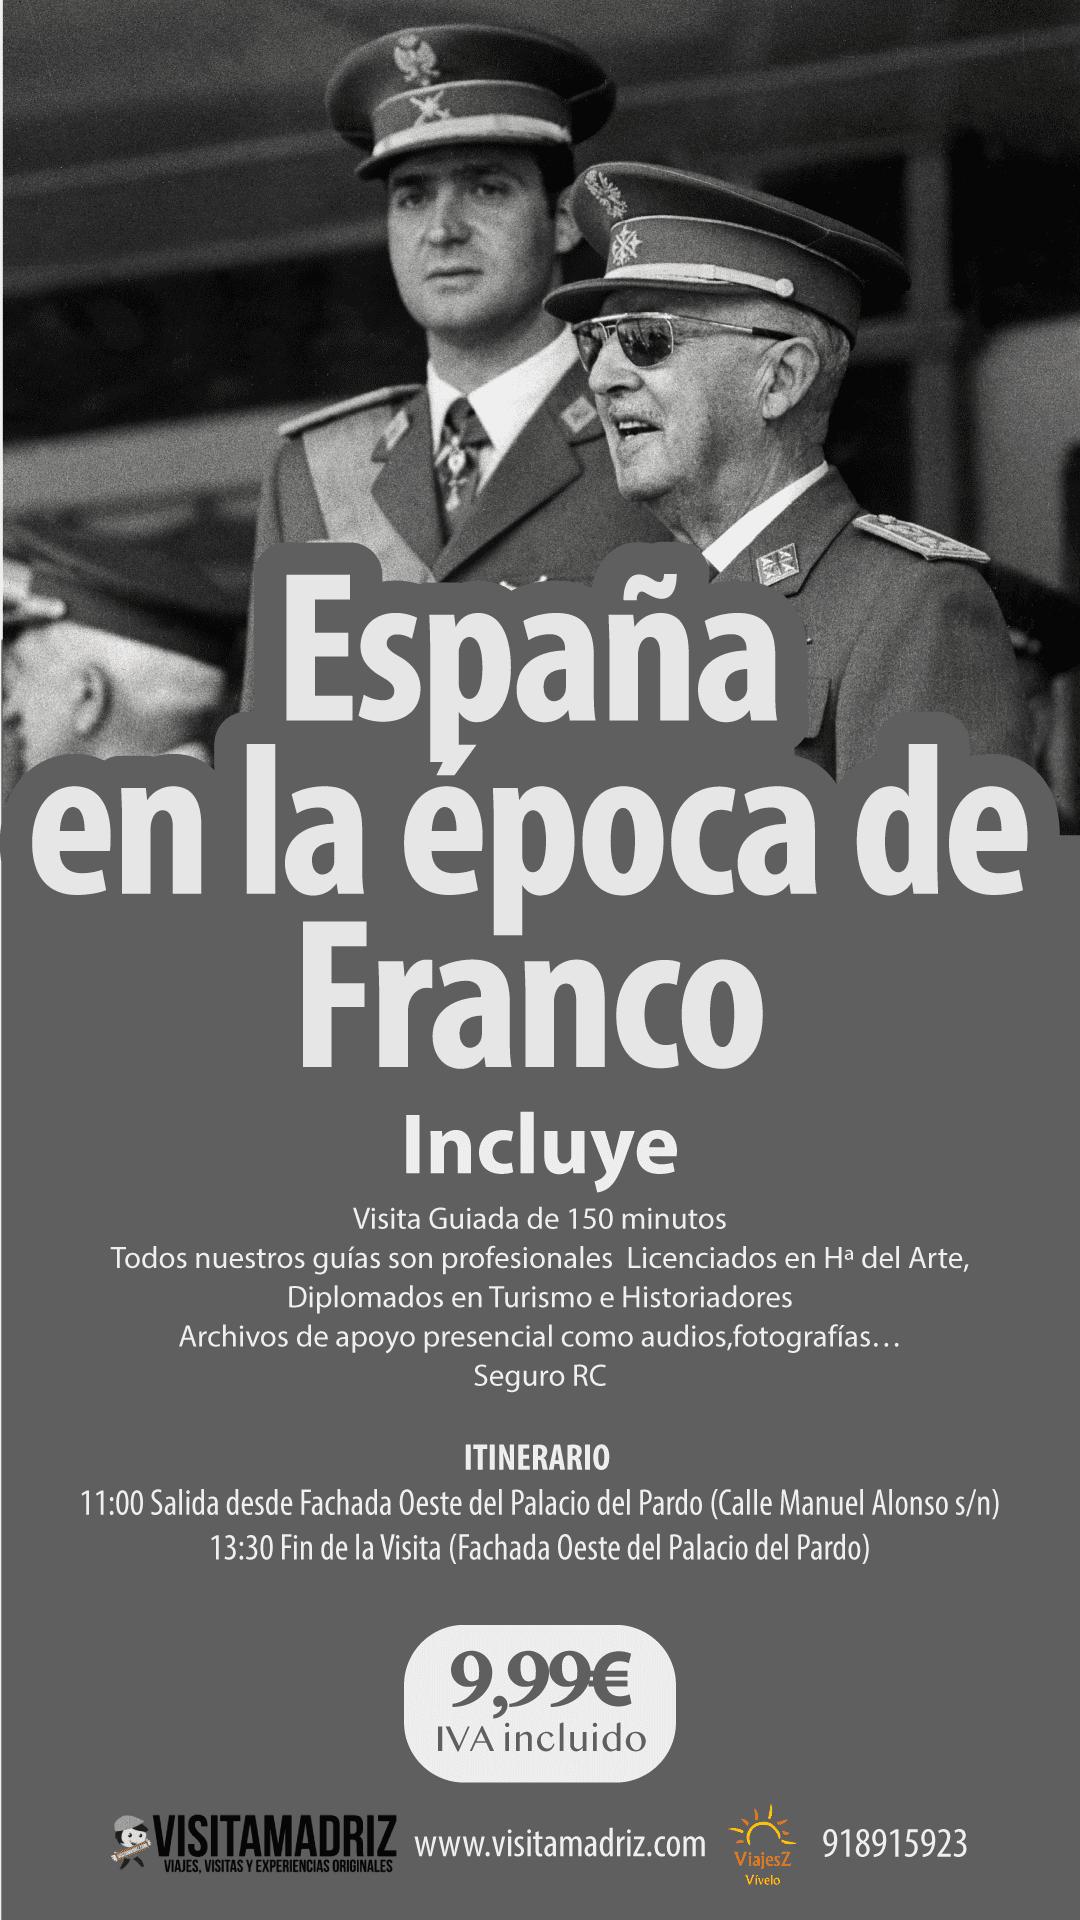 Visita Guiada España en la ápoca de Franco